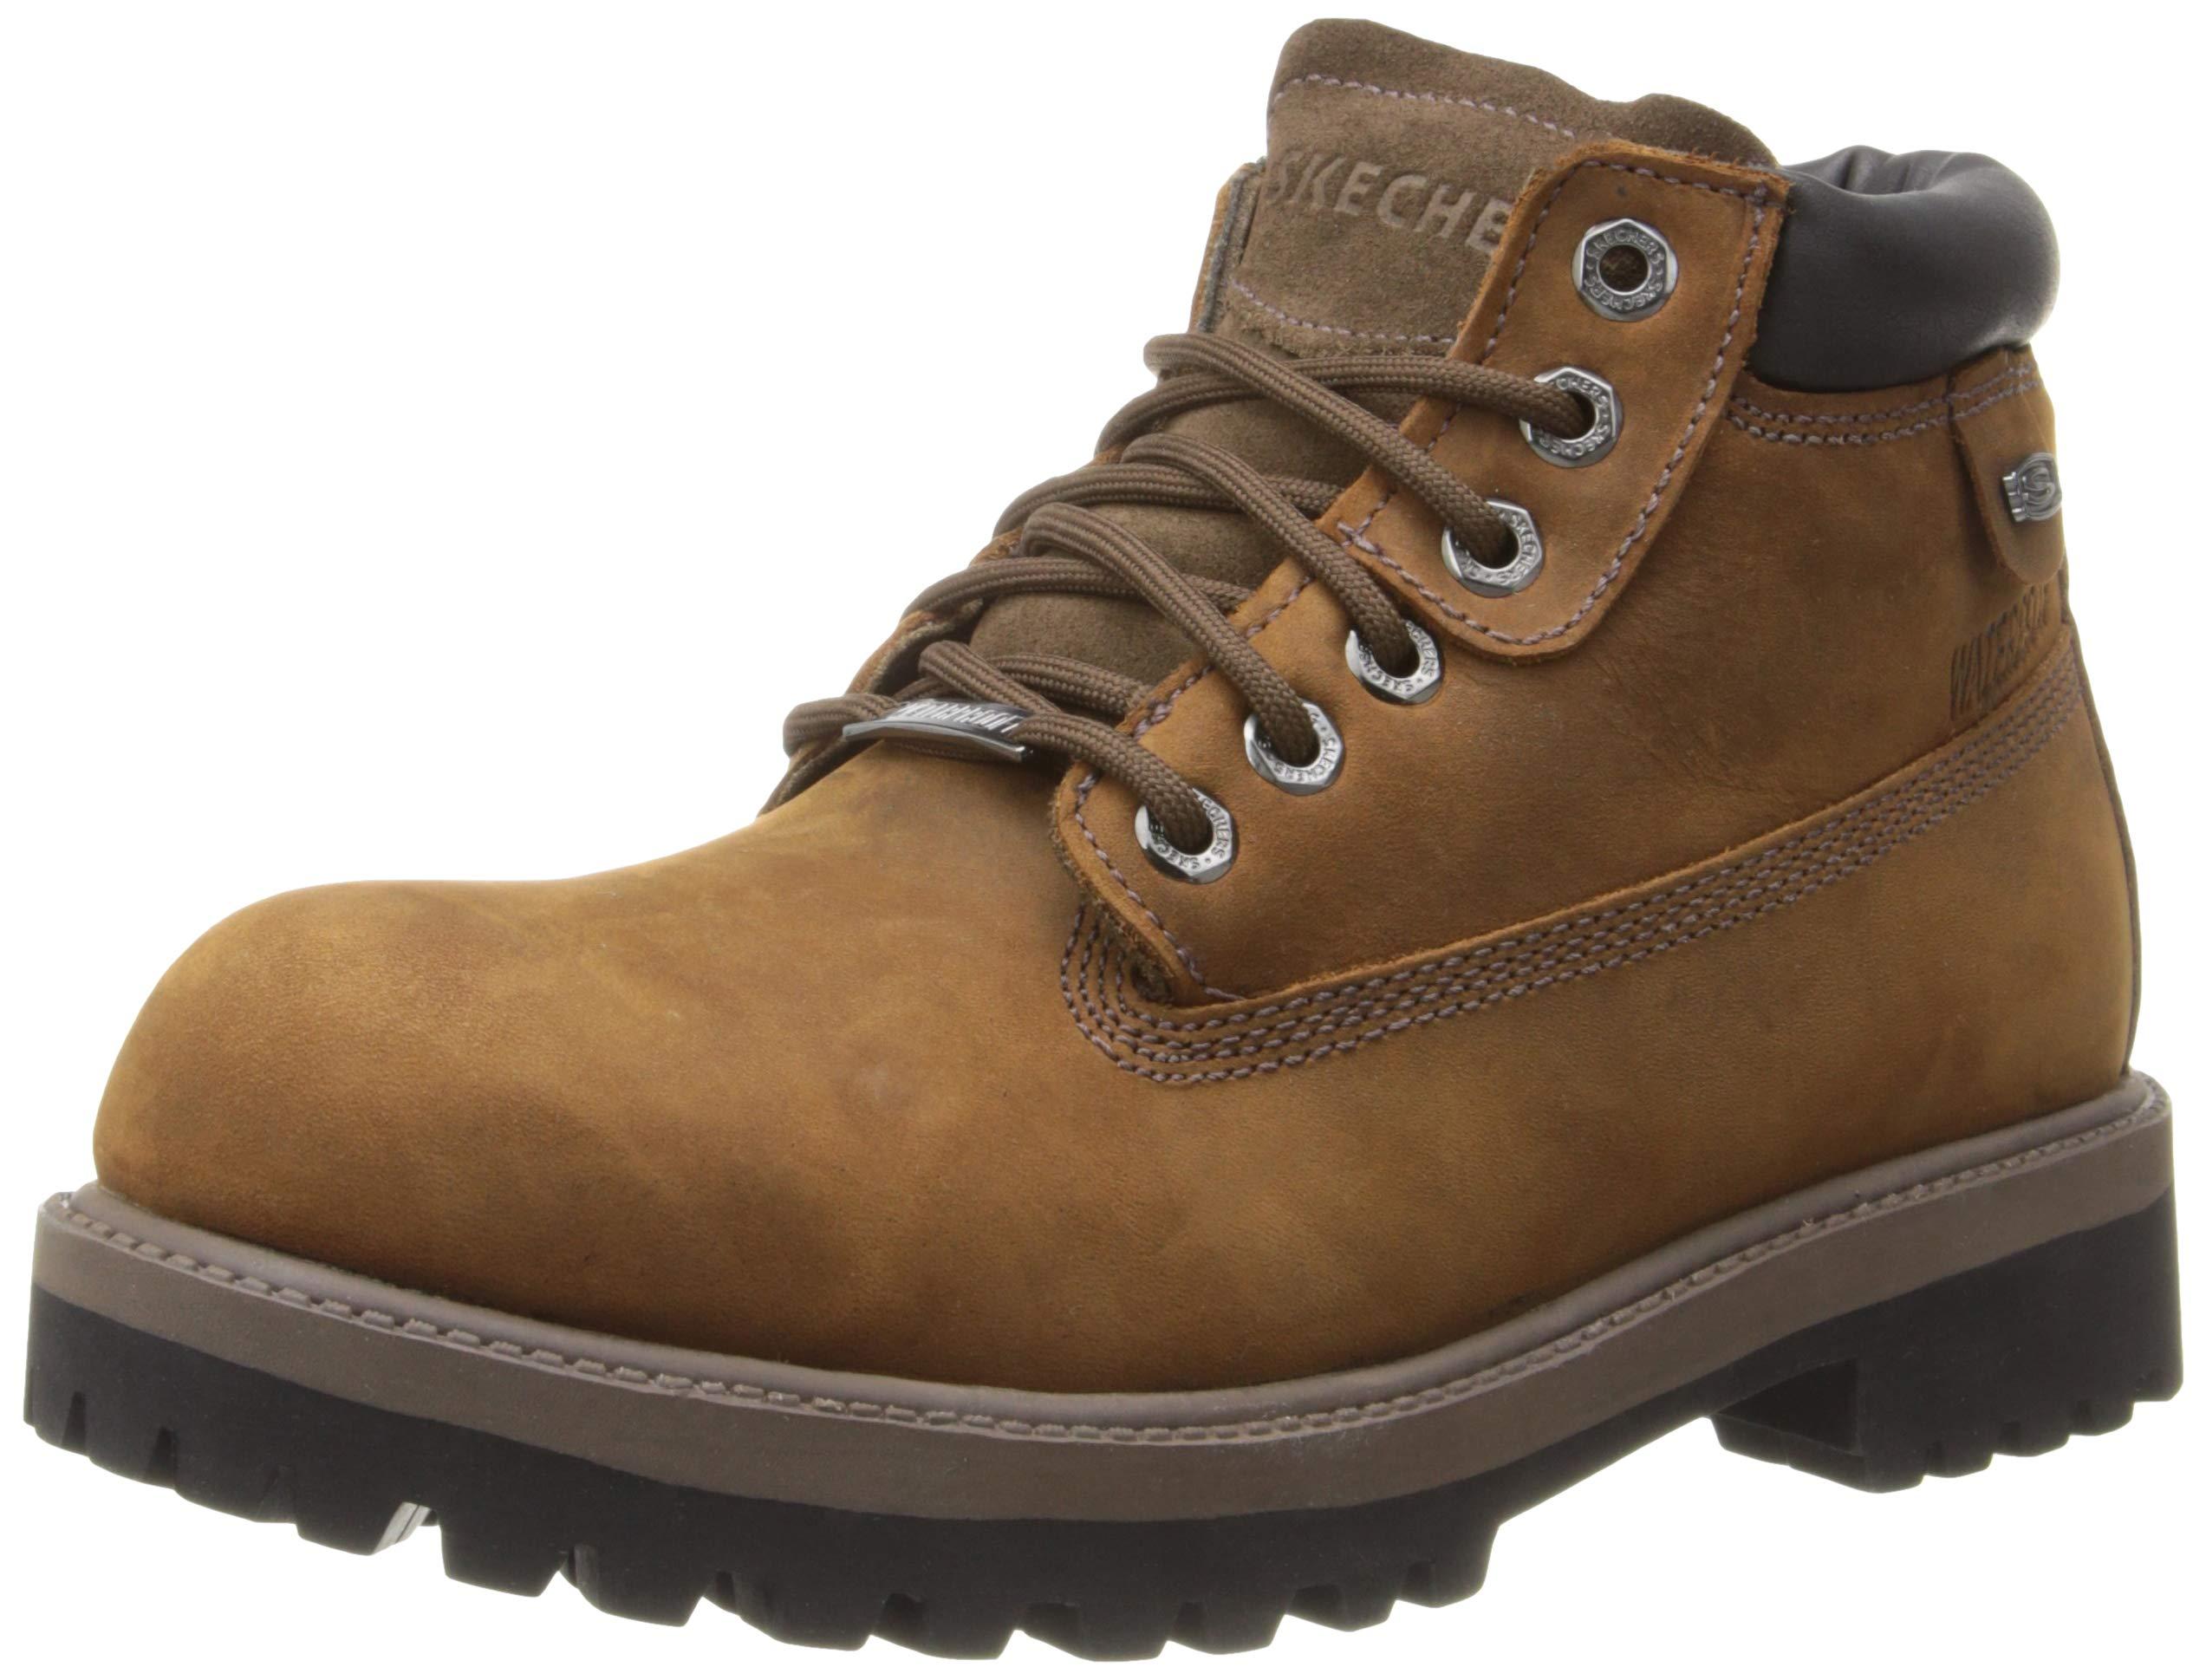 Skechers USA Men's Verdict Men's Boot,Dark Brown,10 M US by Skechers